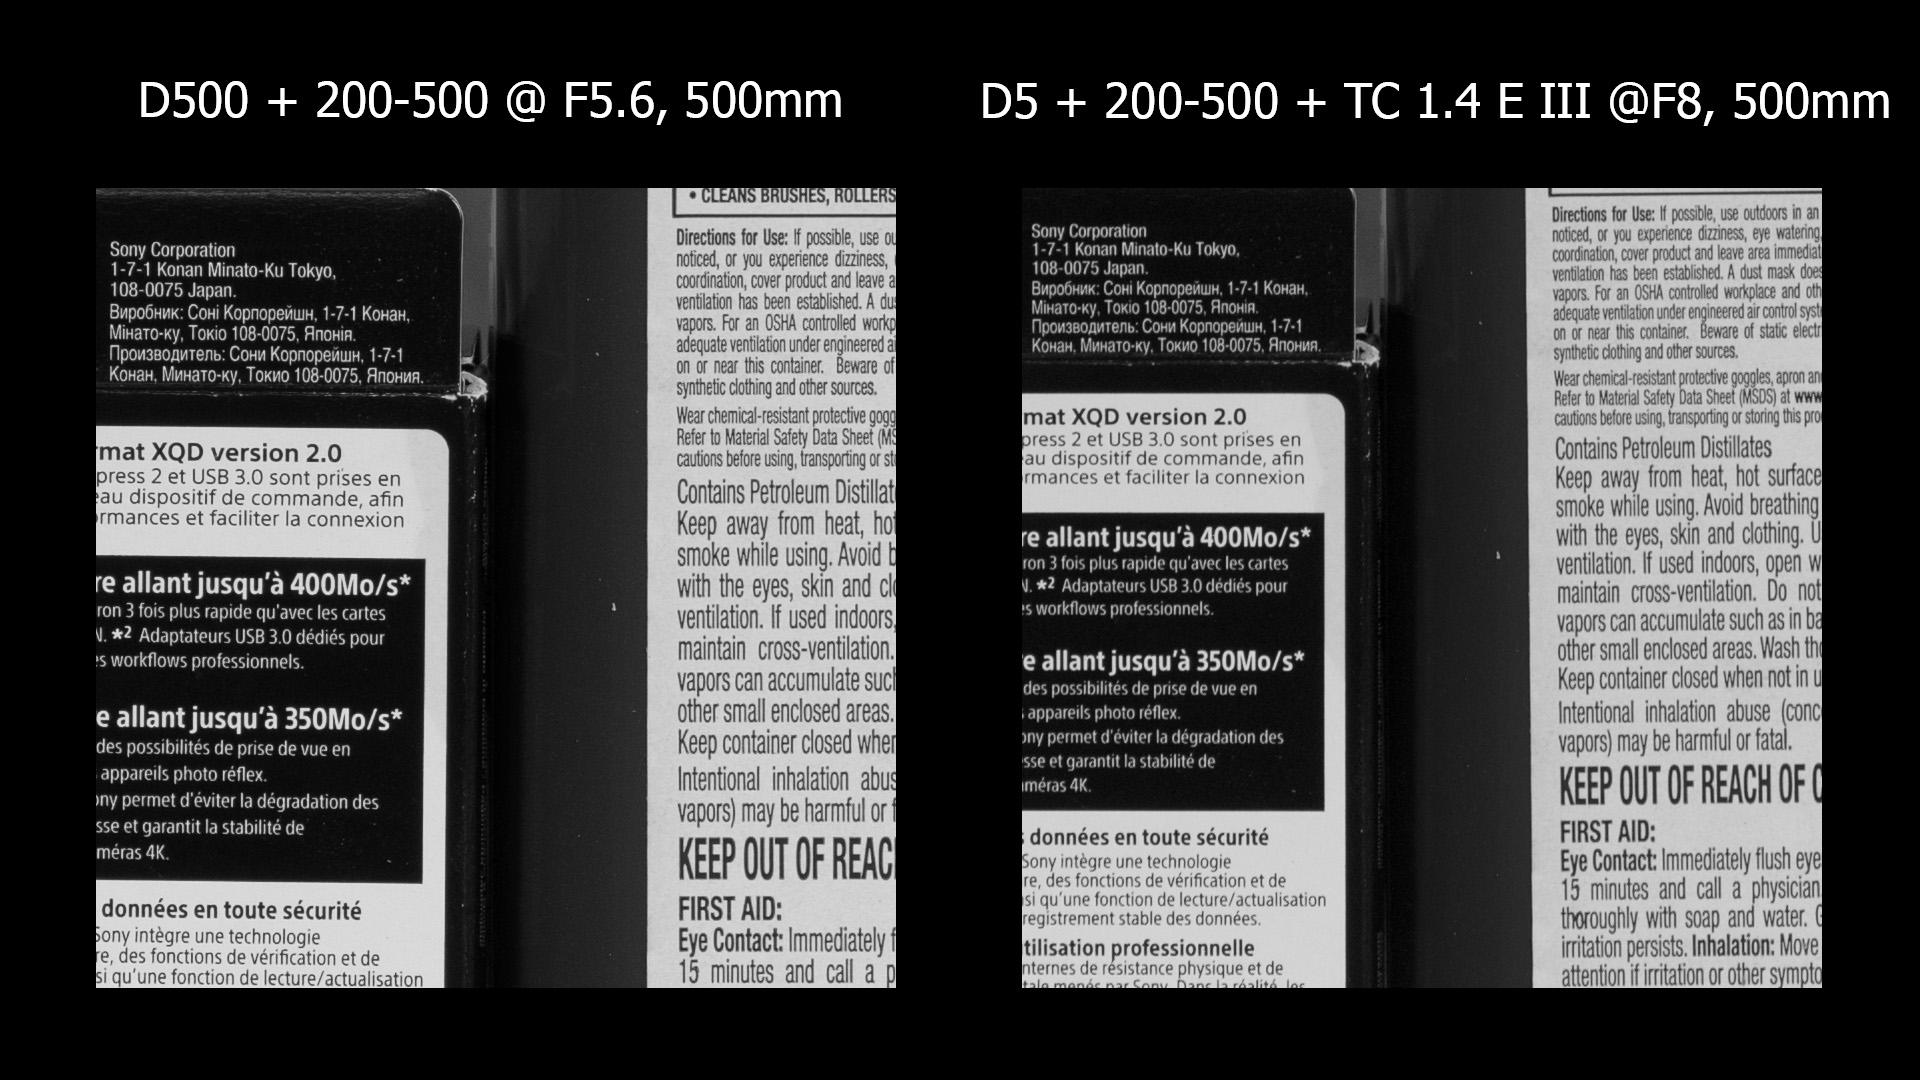 tc-examples-d5d500-200-500-open